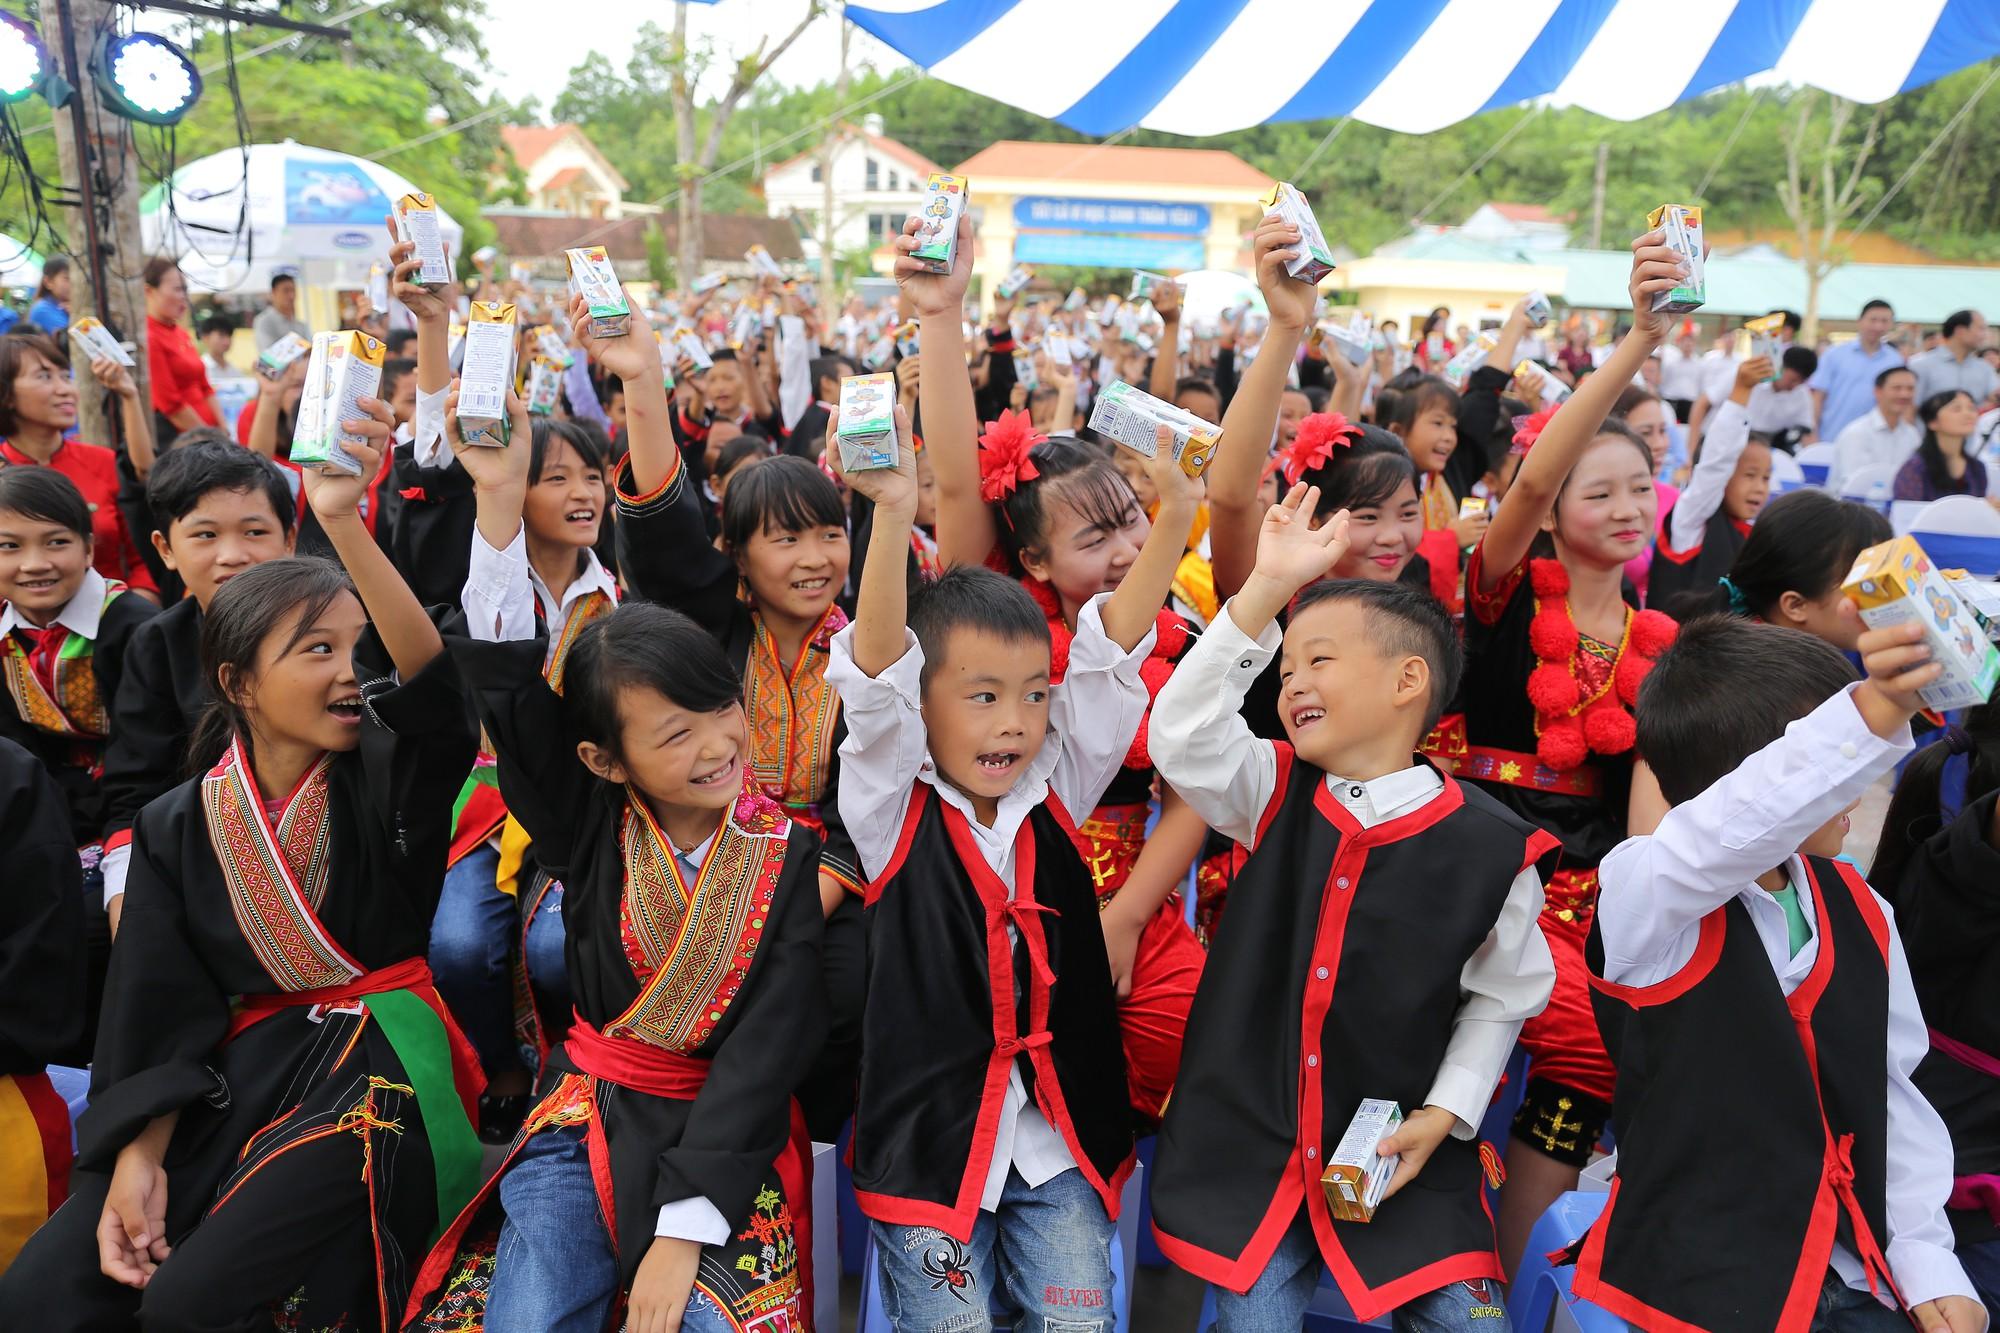 Quỹ sữa Vươn Cao Việt Nam: Để mọi trẻ em đều được uống sữa mỗi ngày - Ảnh 5.